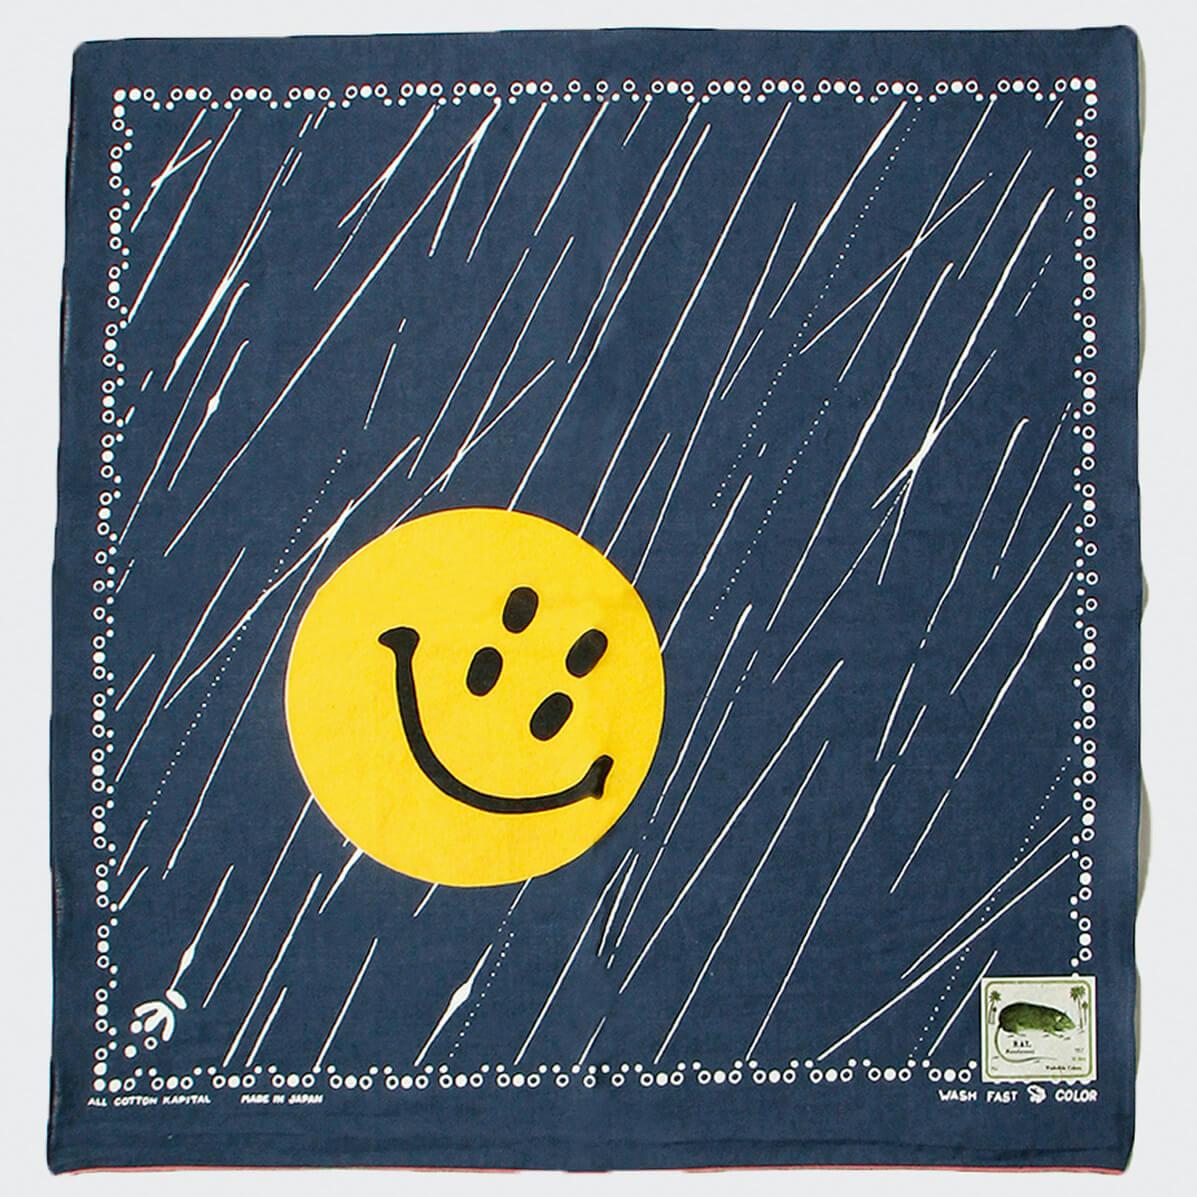 kapital rain smile bandana